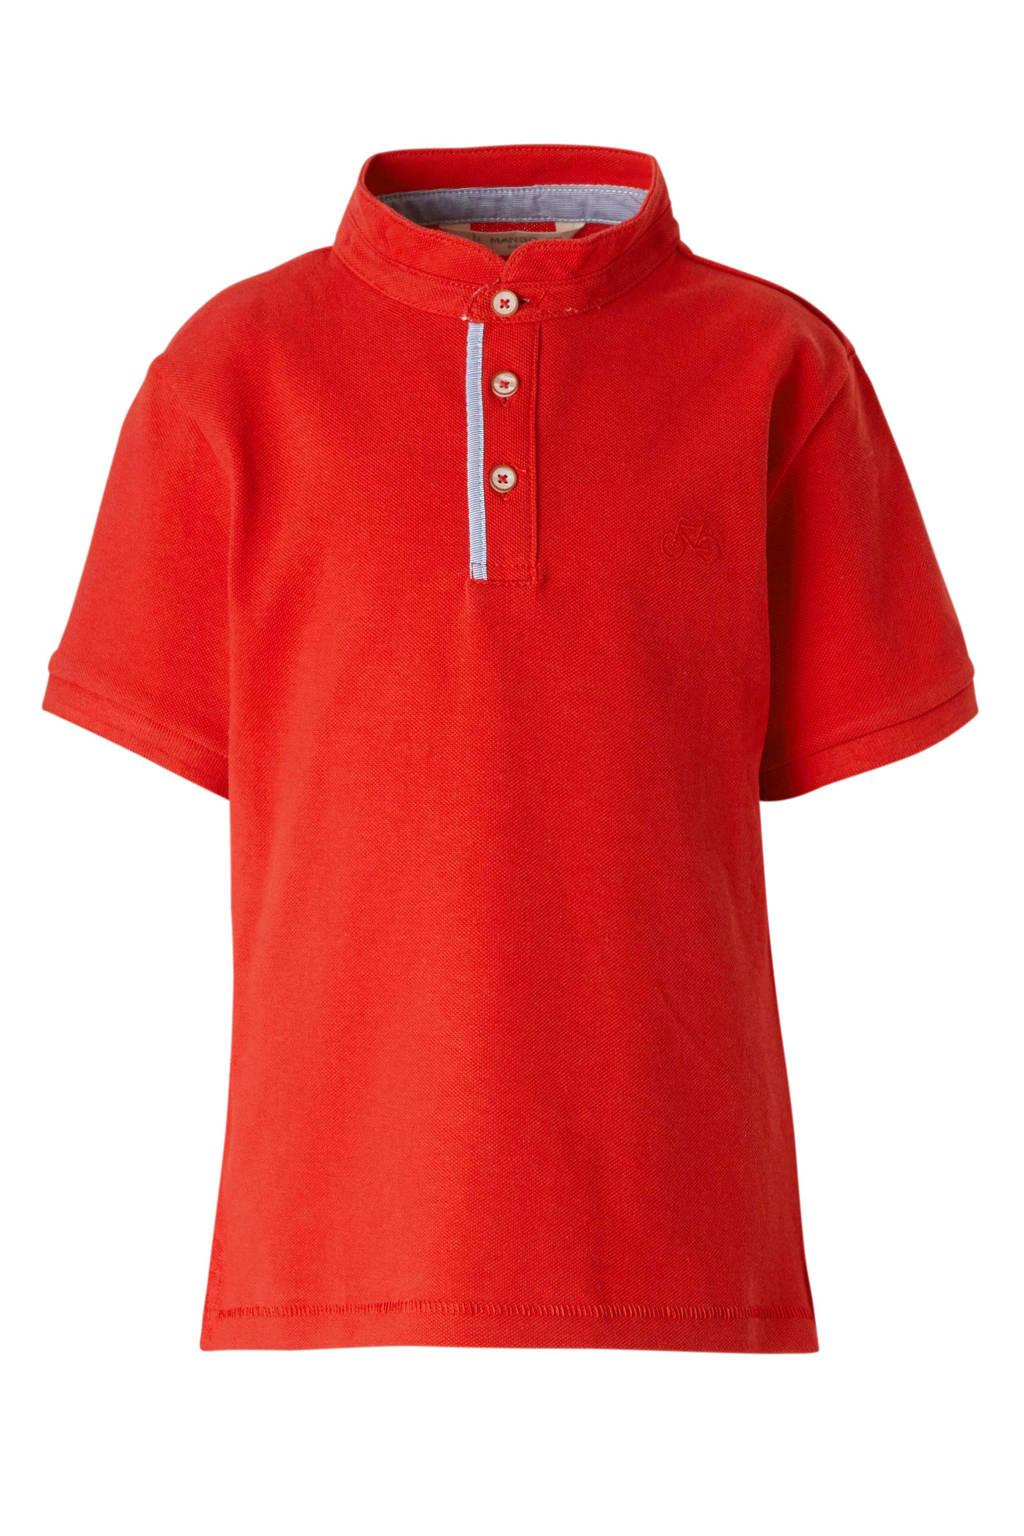 Mango Kids polo rood, Rood